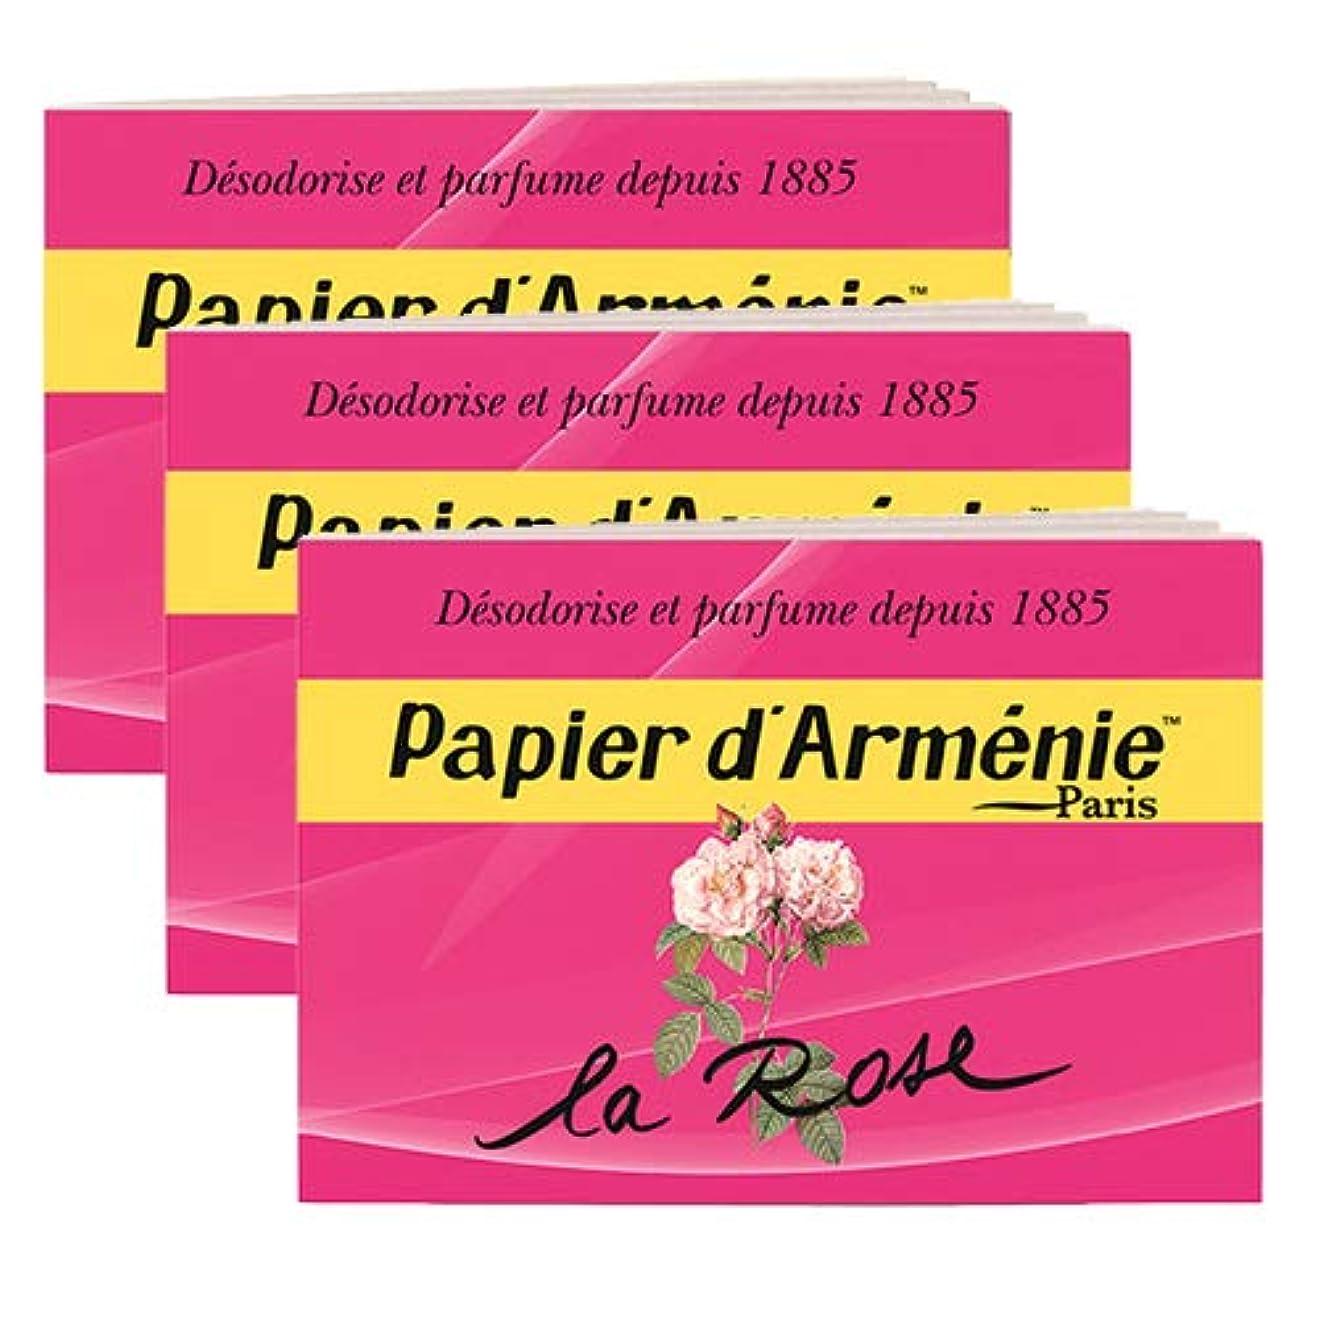 体操シリアル抑制する【パピエダルメニイ】トリプル 3×12枚(36回分) 3個セット ローズ 紙のお香 インセンス アロマペーパー PAPIER D'ARMENIE [並行輸入品]